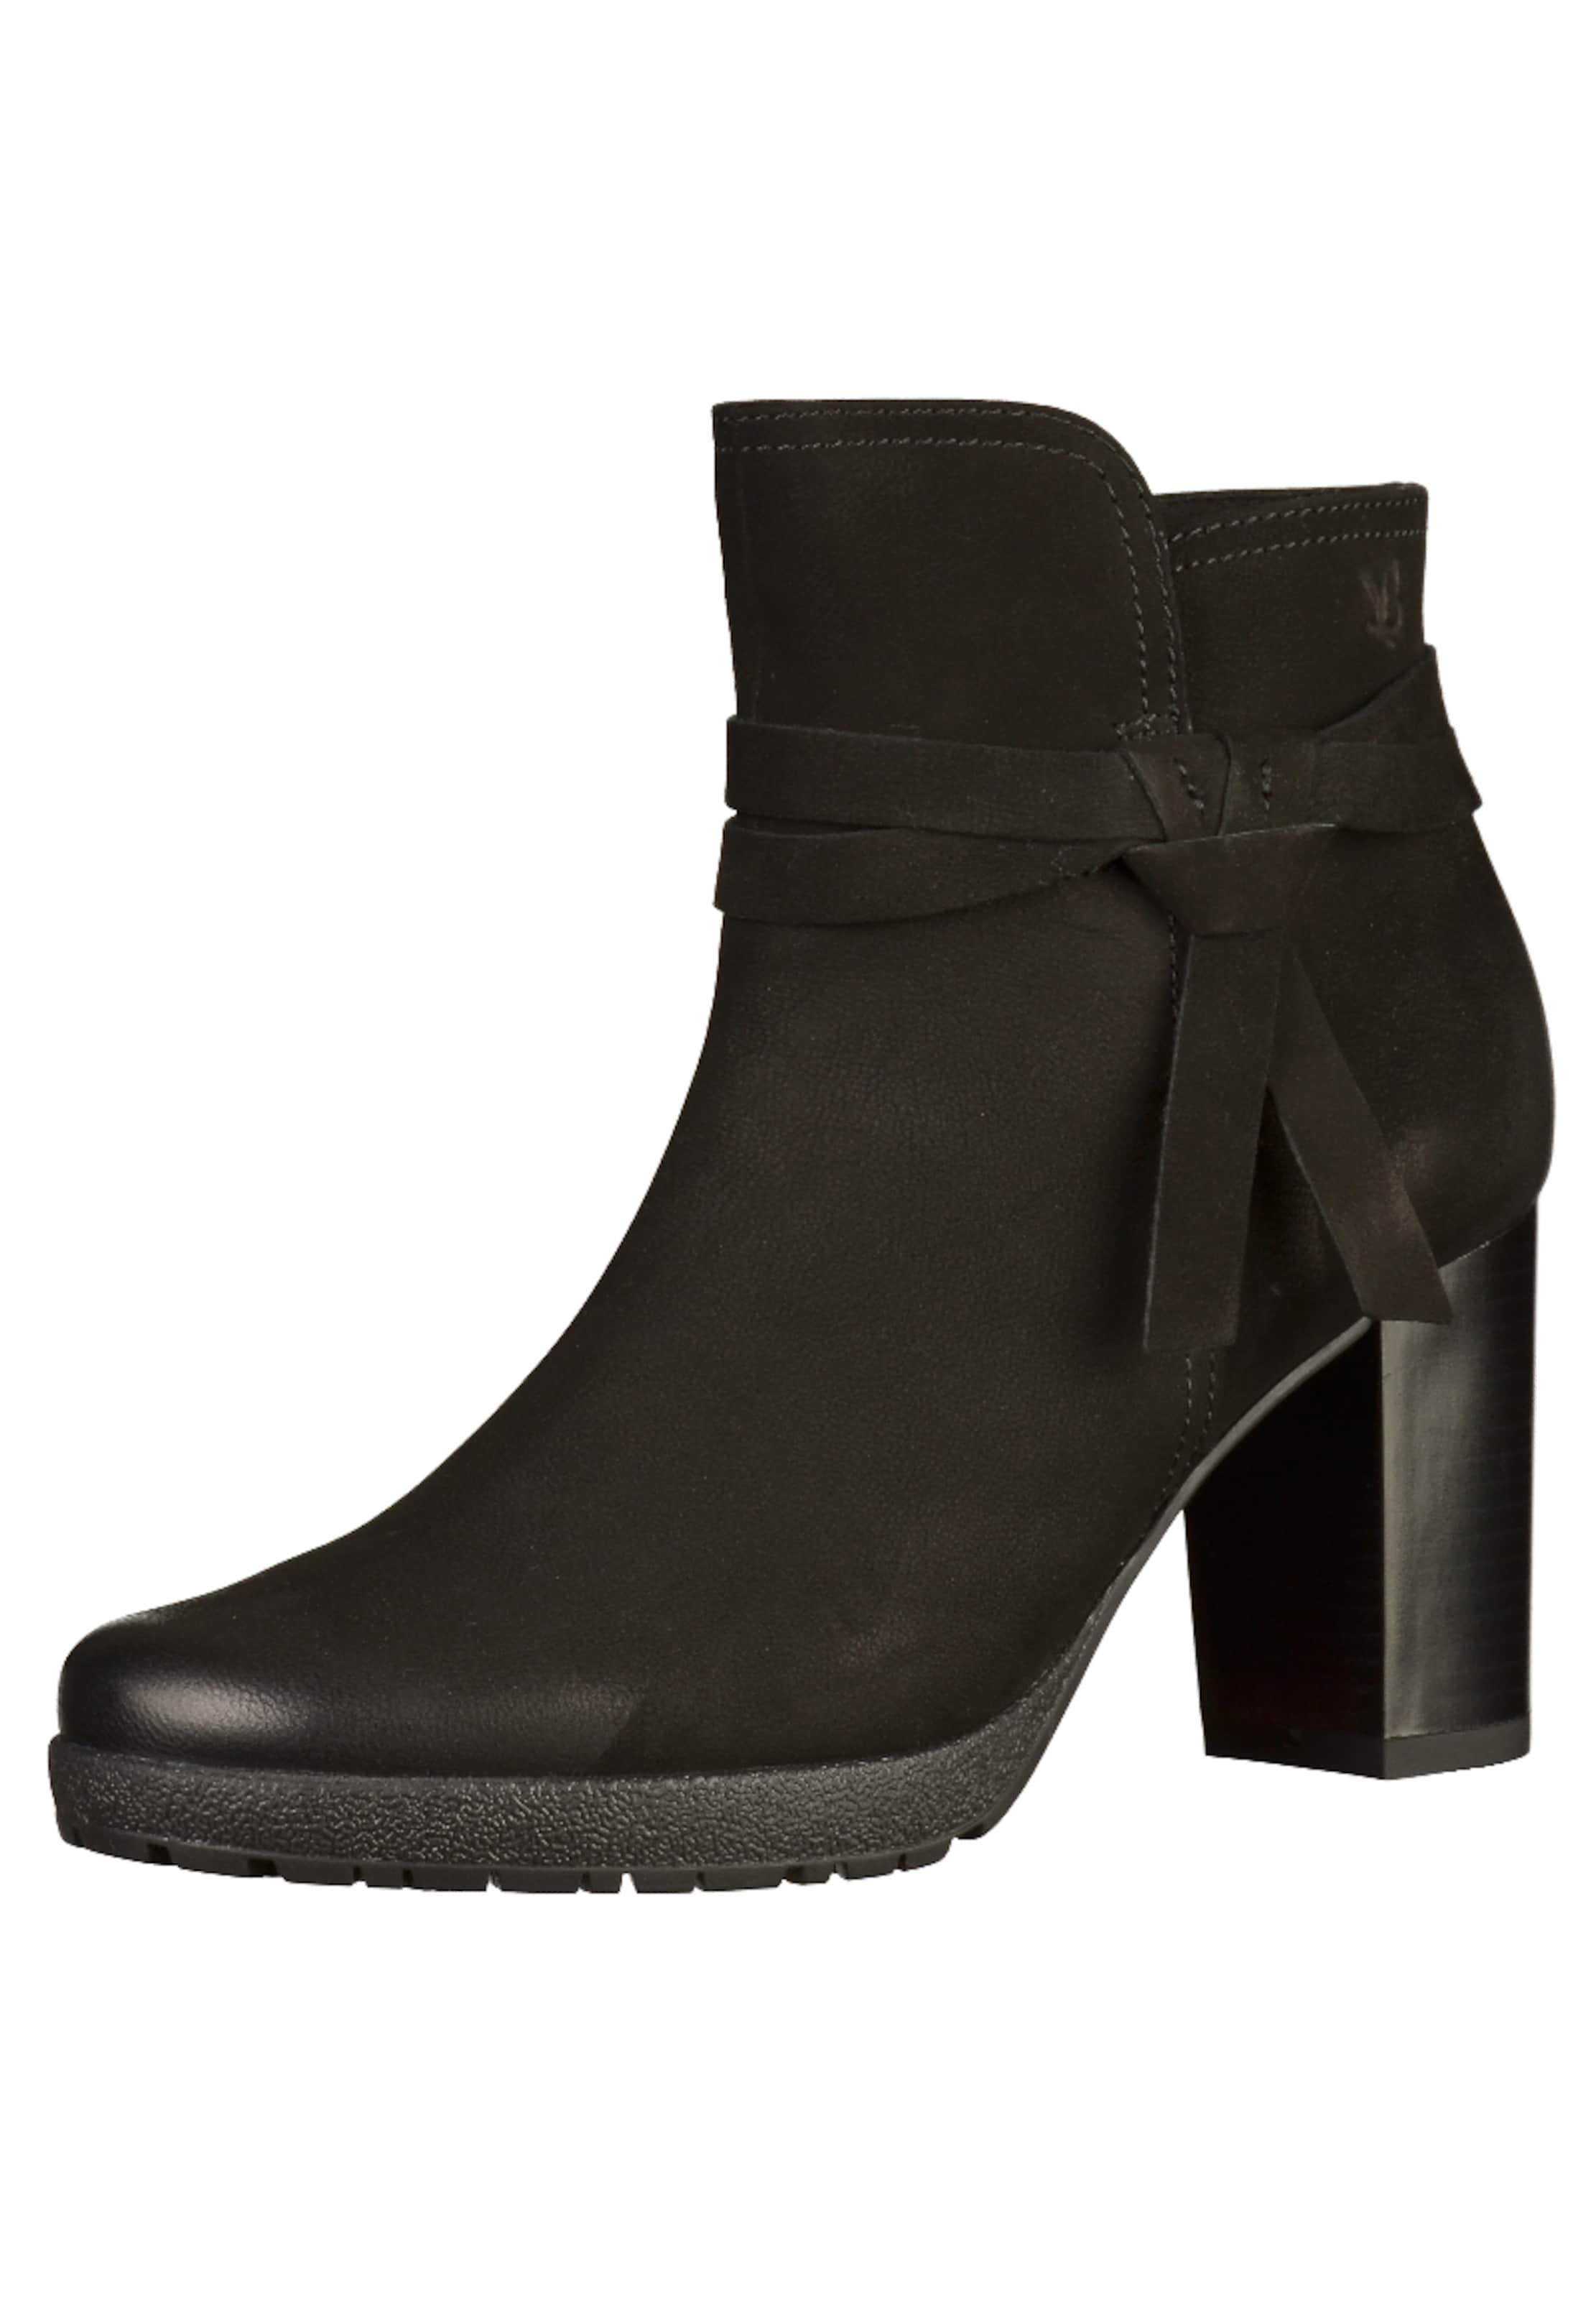 CAPRICE Stiefelette Günstige und langlebige Schuhe